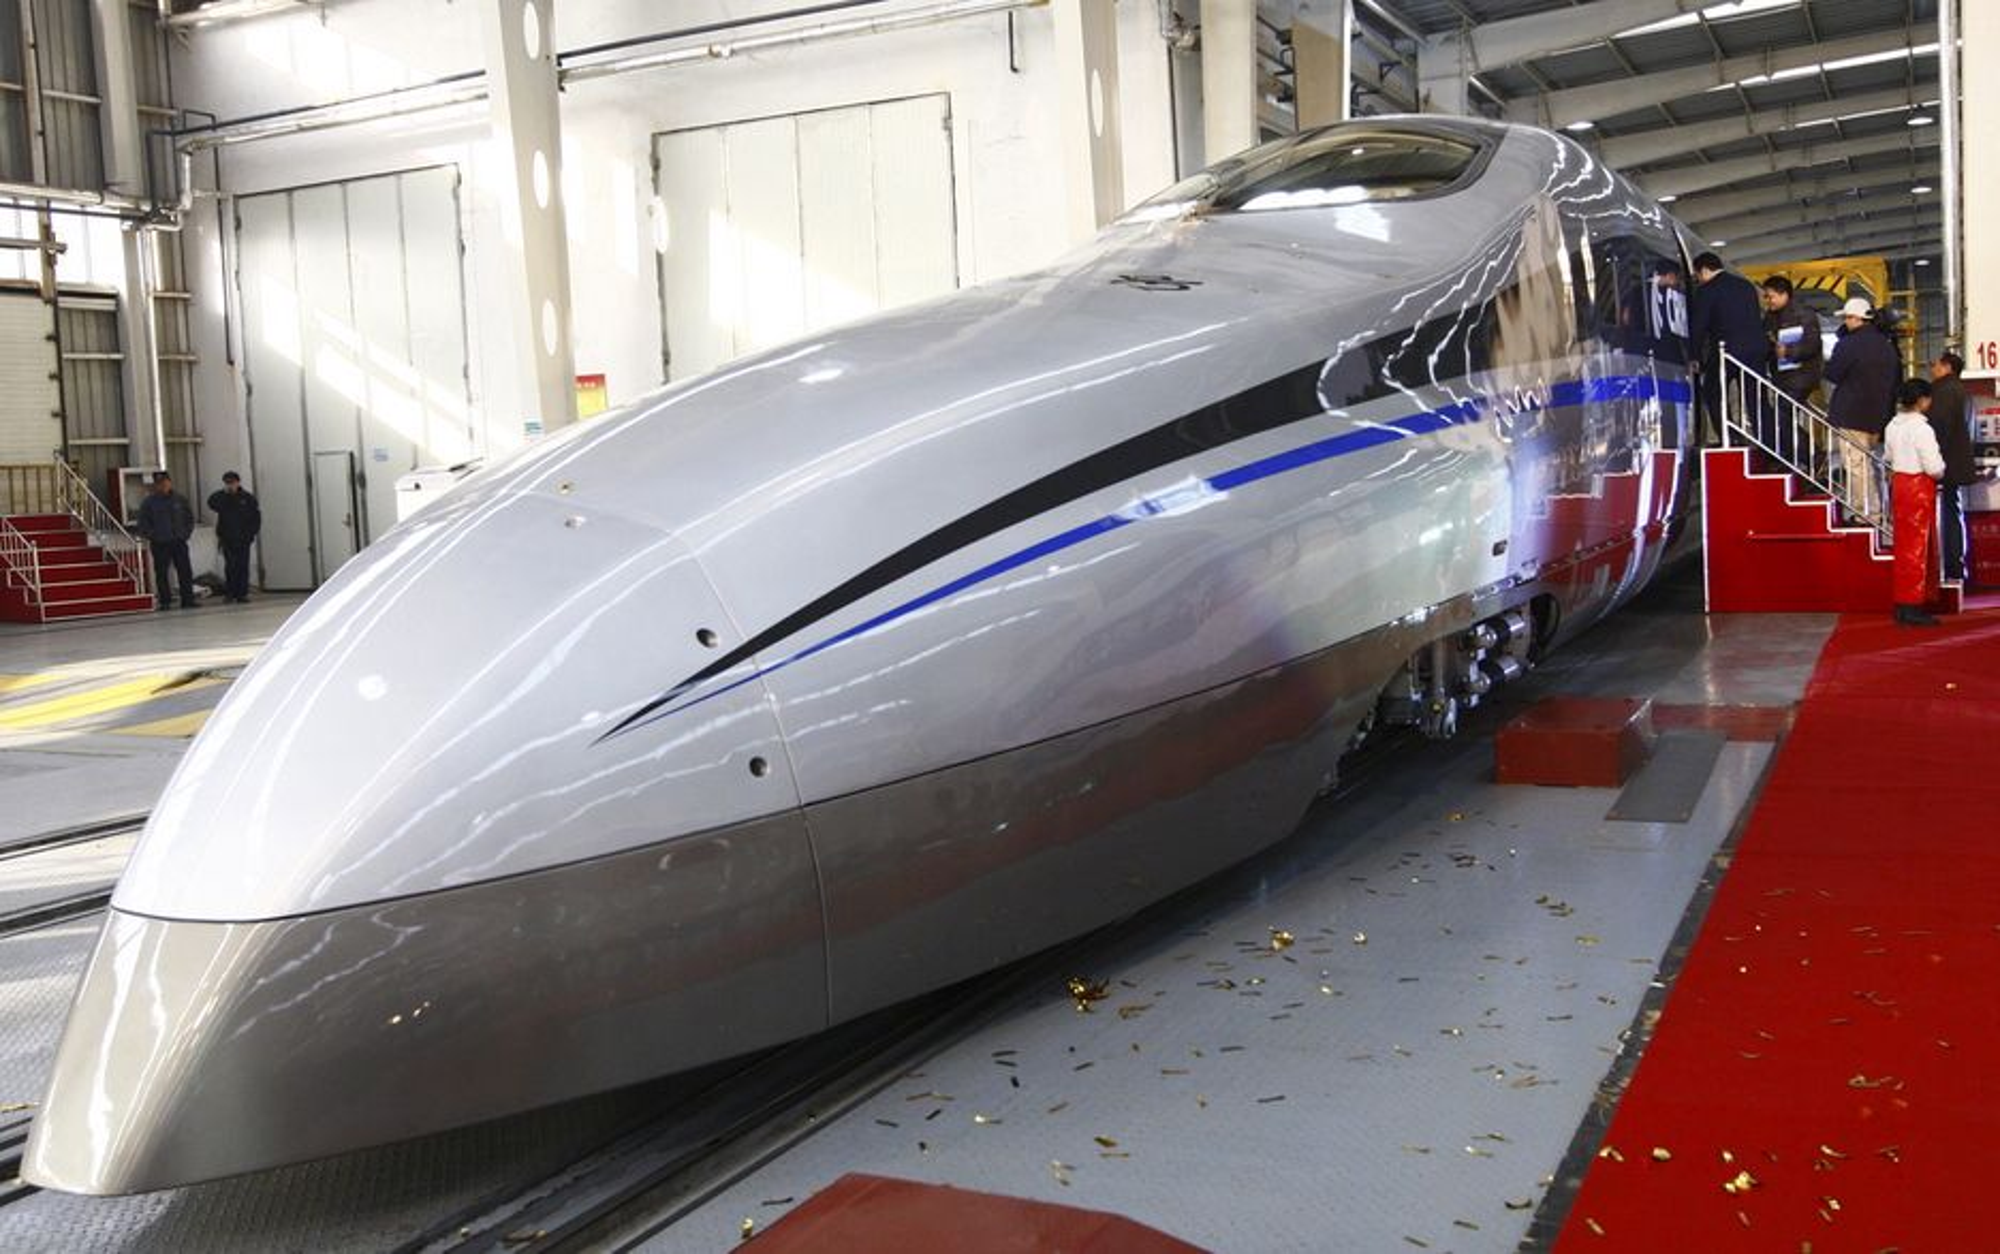 Kina lanserte 23. desember i Qingdao denne modellen av et lyntog som kan gå i 500 kilometer i timen.